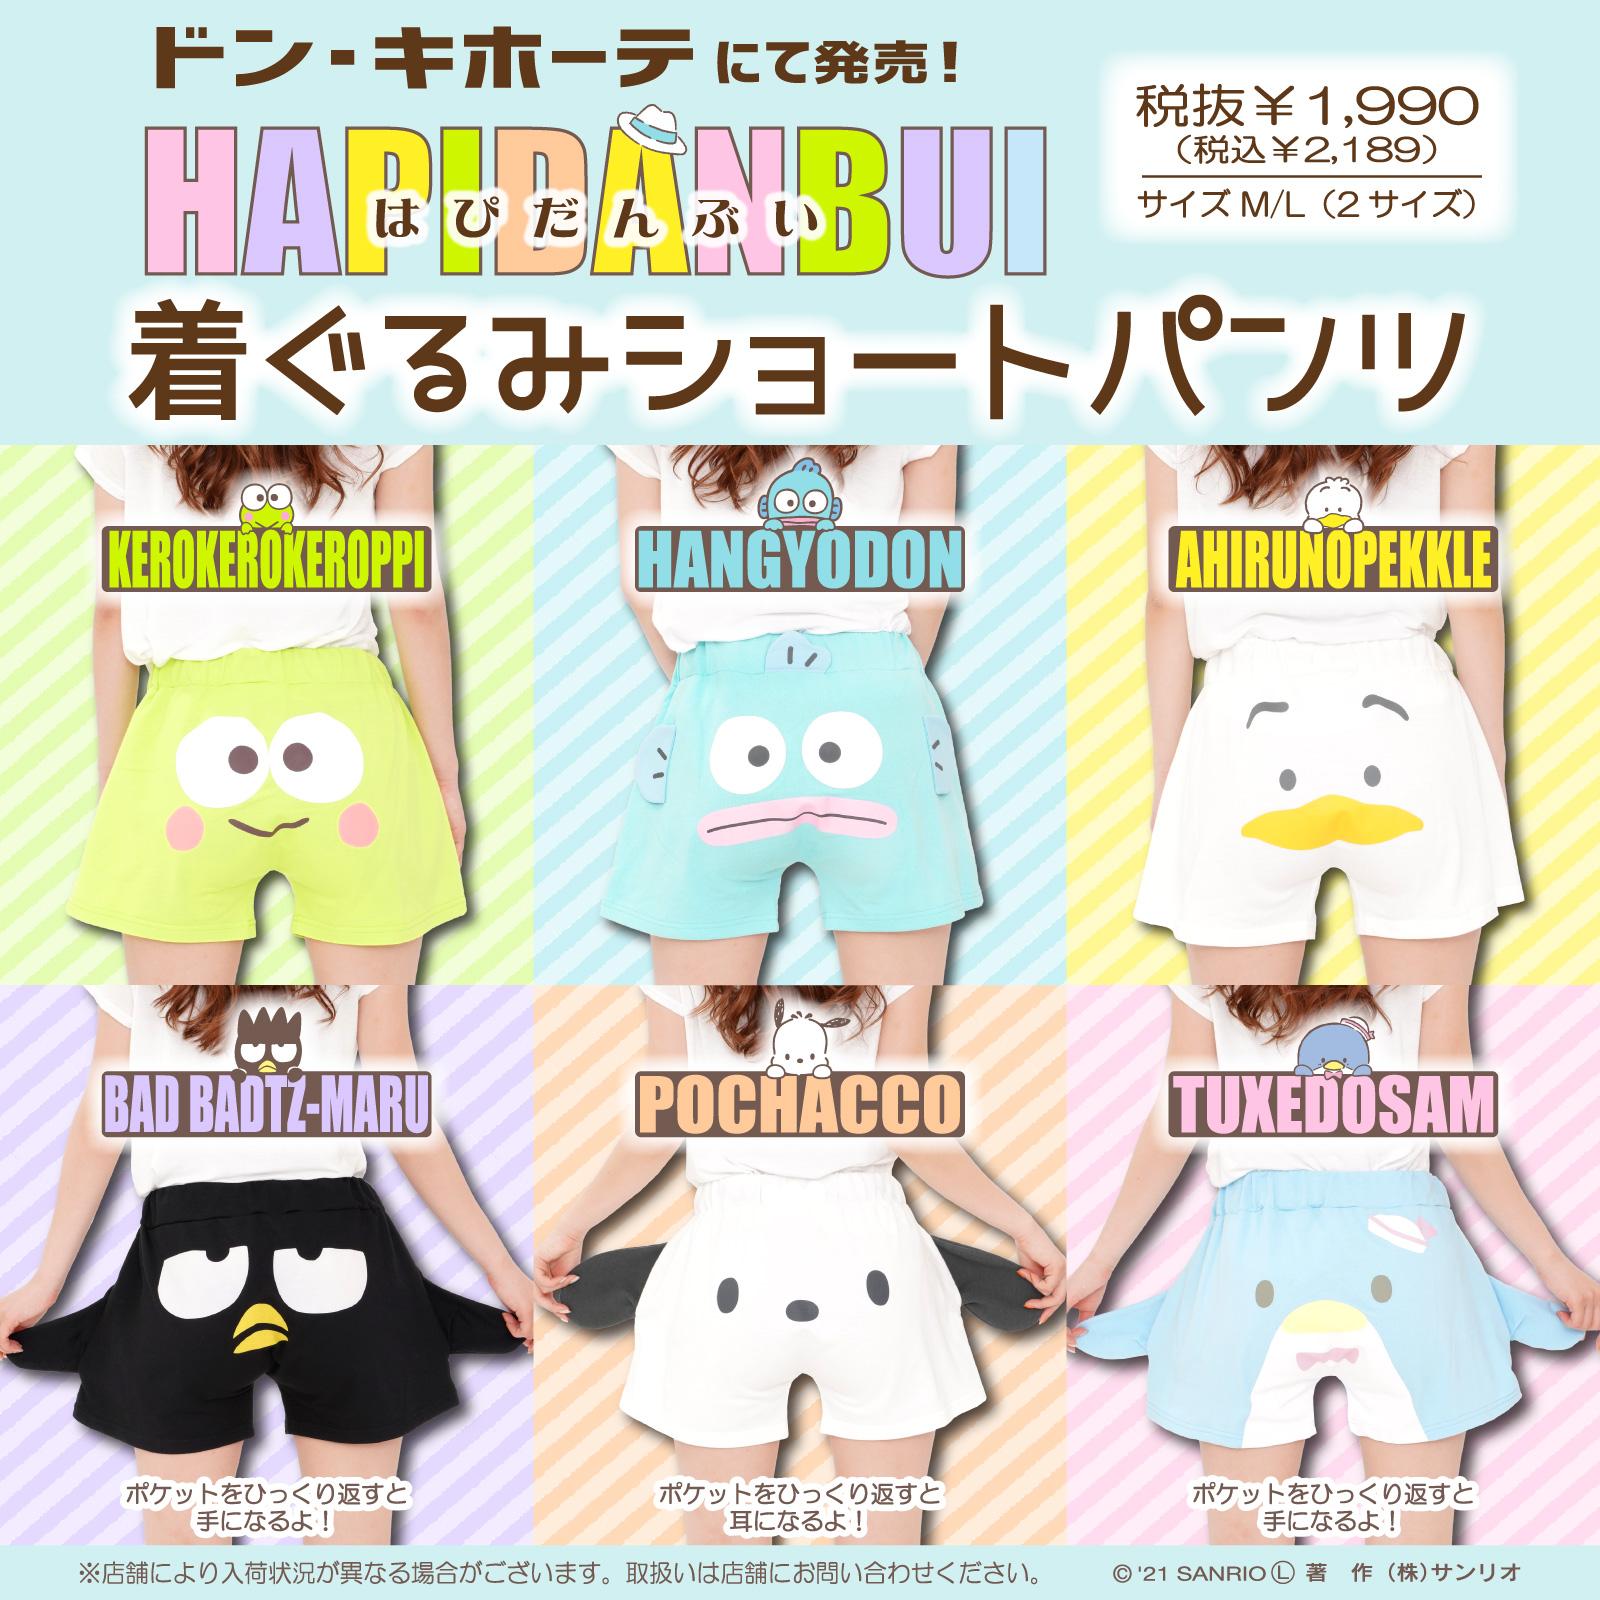 ポケットが手&耳に「はぴだんぶい」着ぐるみショートパンツが超キュート!